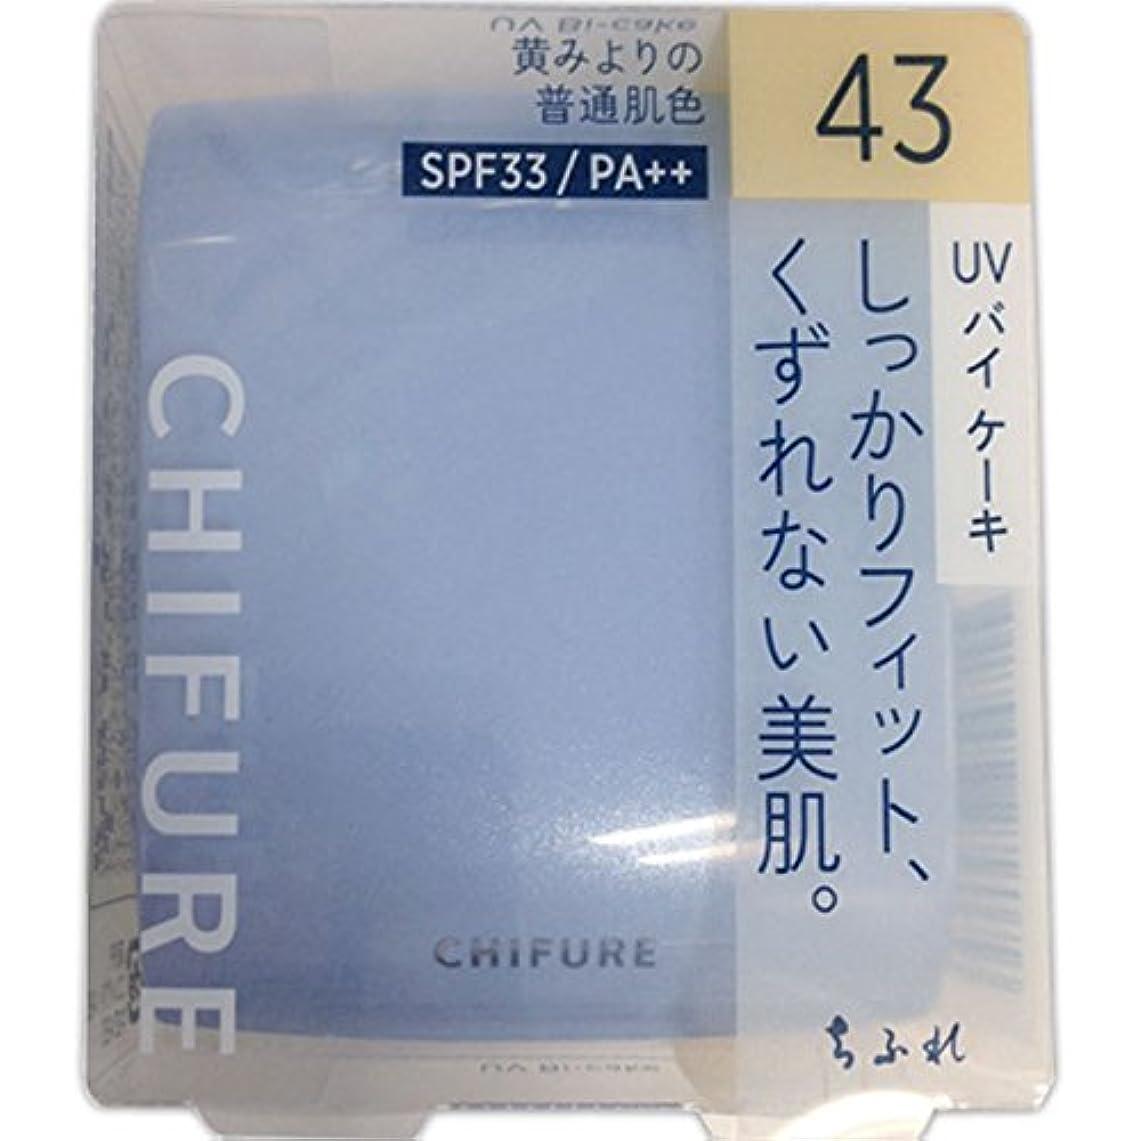 征服者トーナメントポットちふれ化粧品 UV バイ ケーキ(スポンジ入り) 43 黄みよりの普通肌色 43